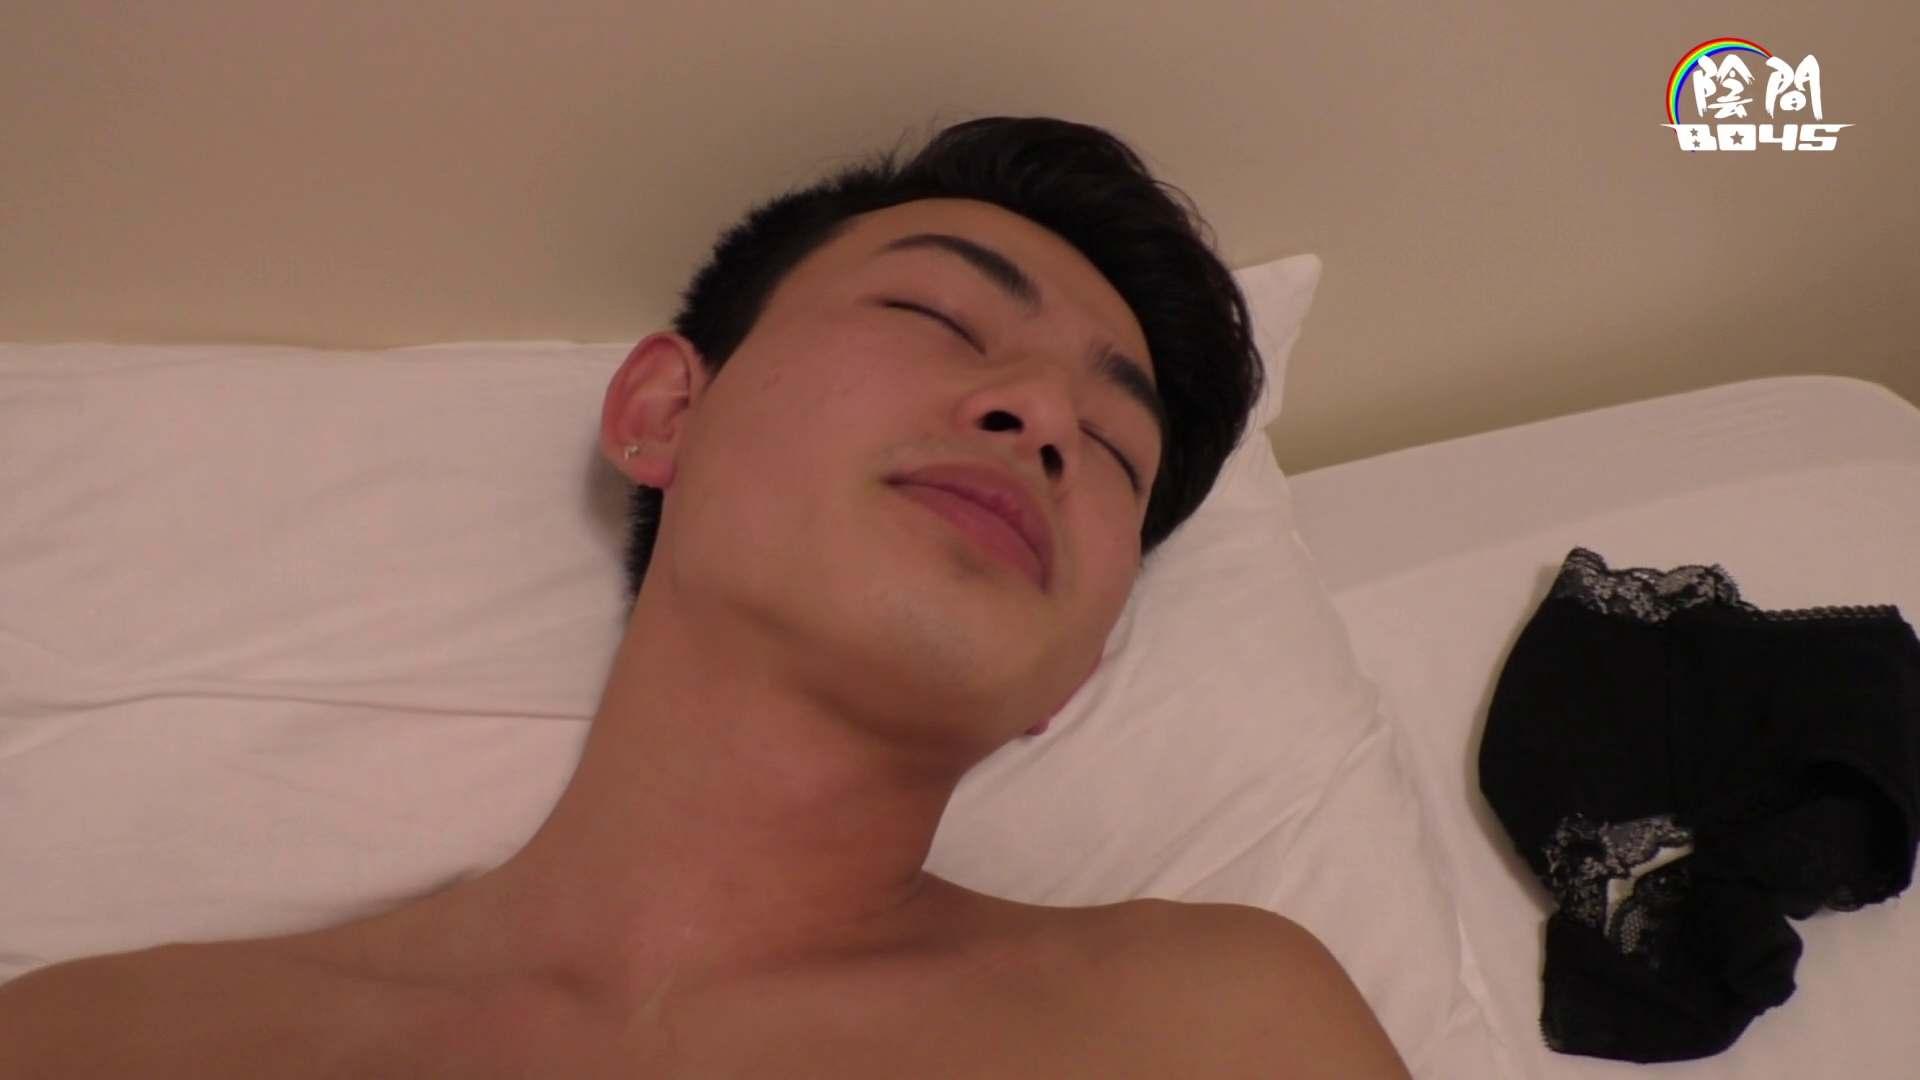 「君のアナルは」part2 ~ノンケの素顔~ Vol.09 キン肉 ゲイアダルトビデオ画像 84枚 72